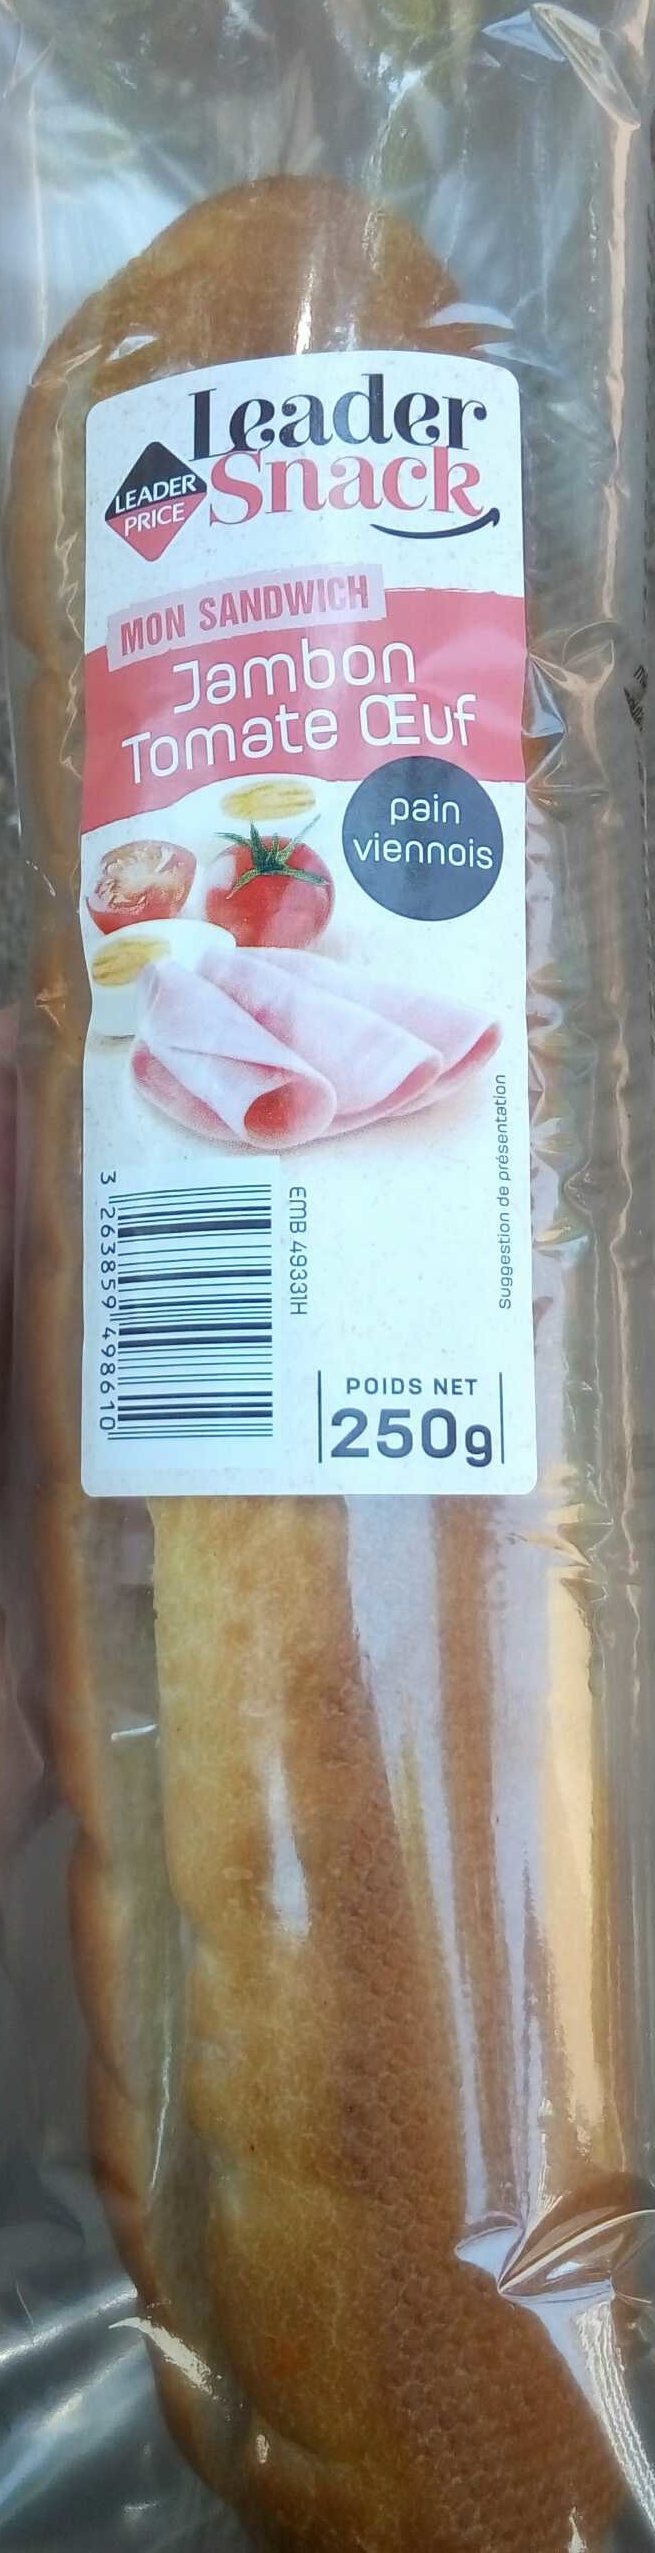 Mon Sandwich Jambon Tomate Oeuf - Produit - fr